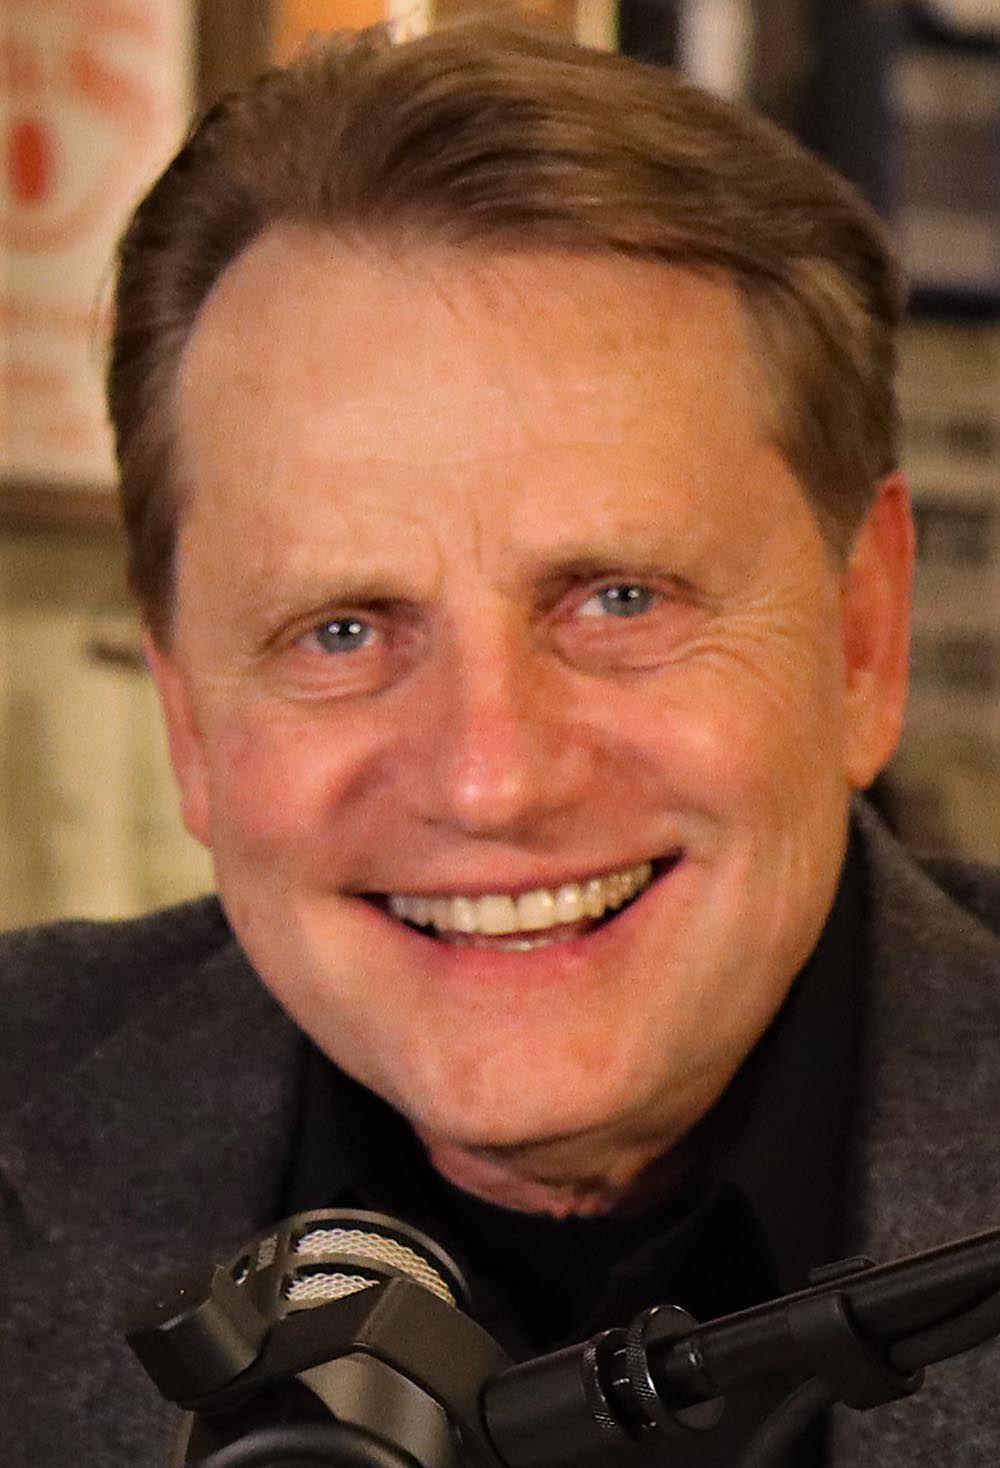 David England Mug